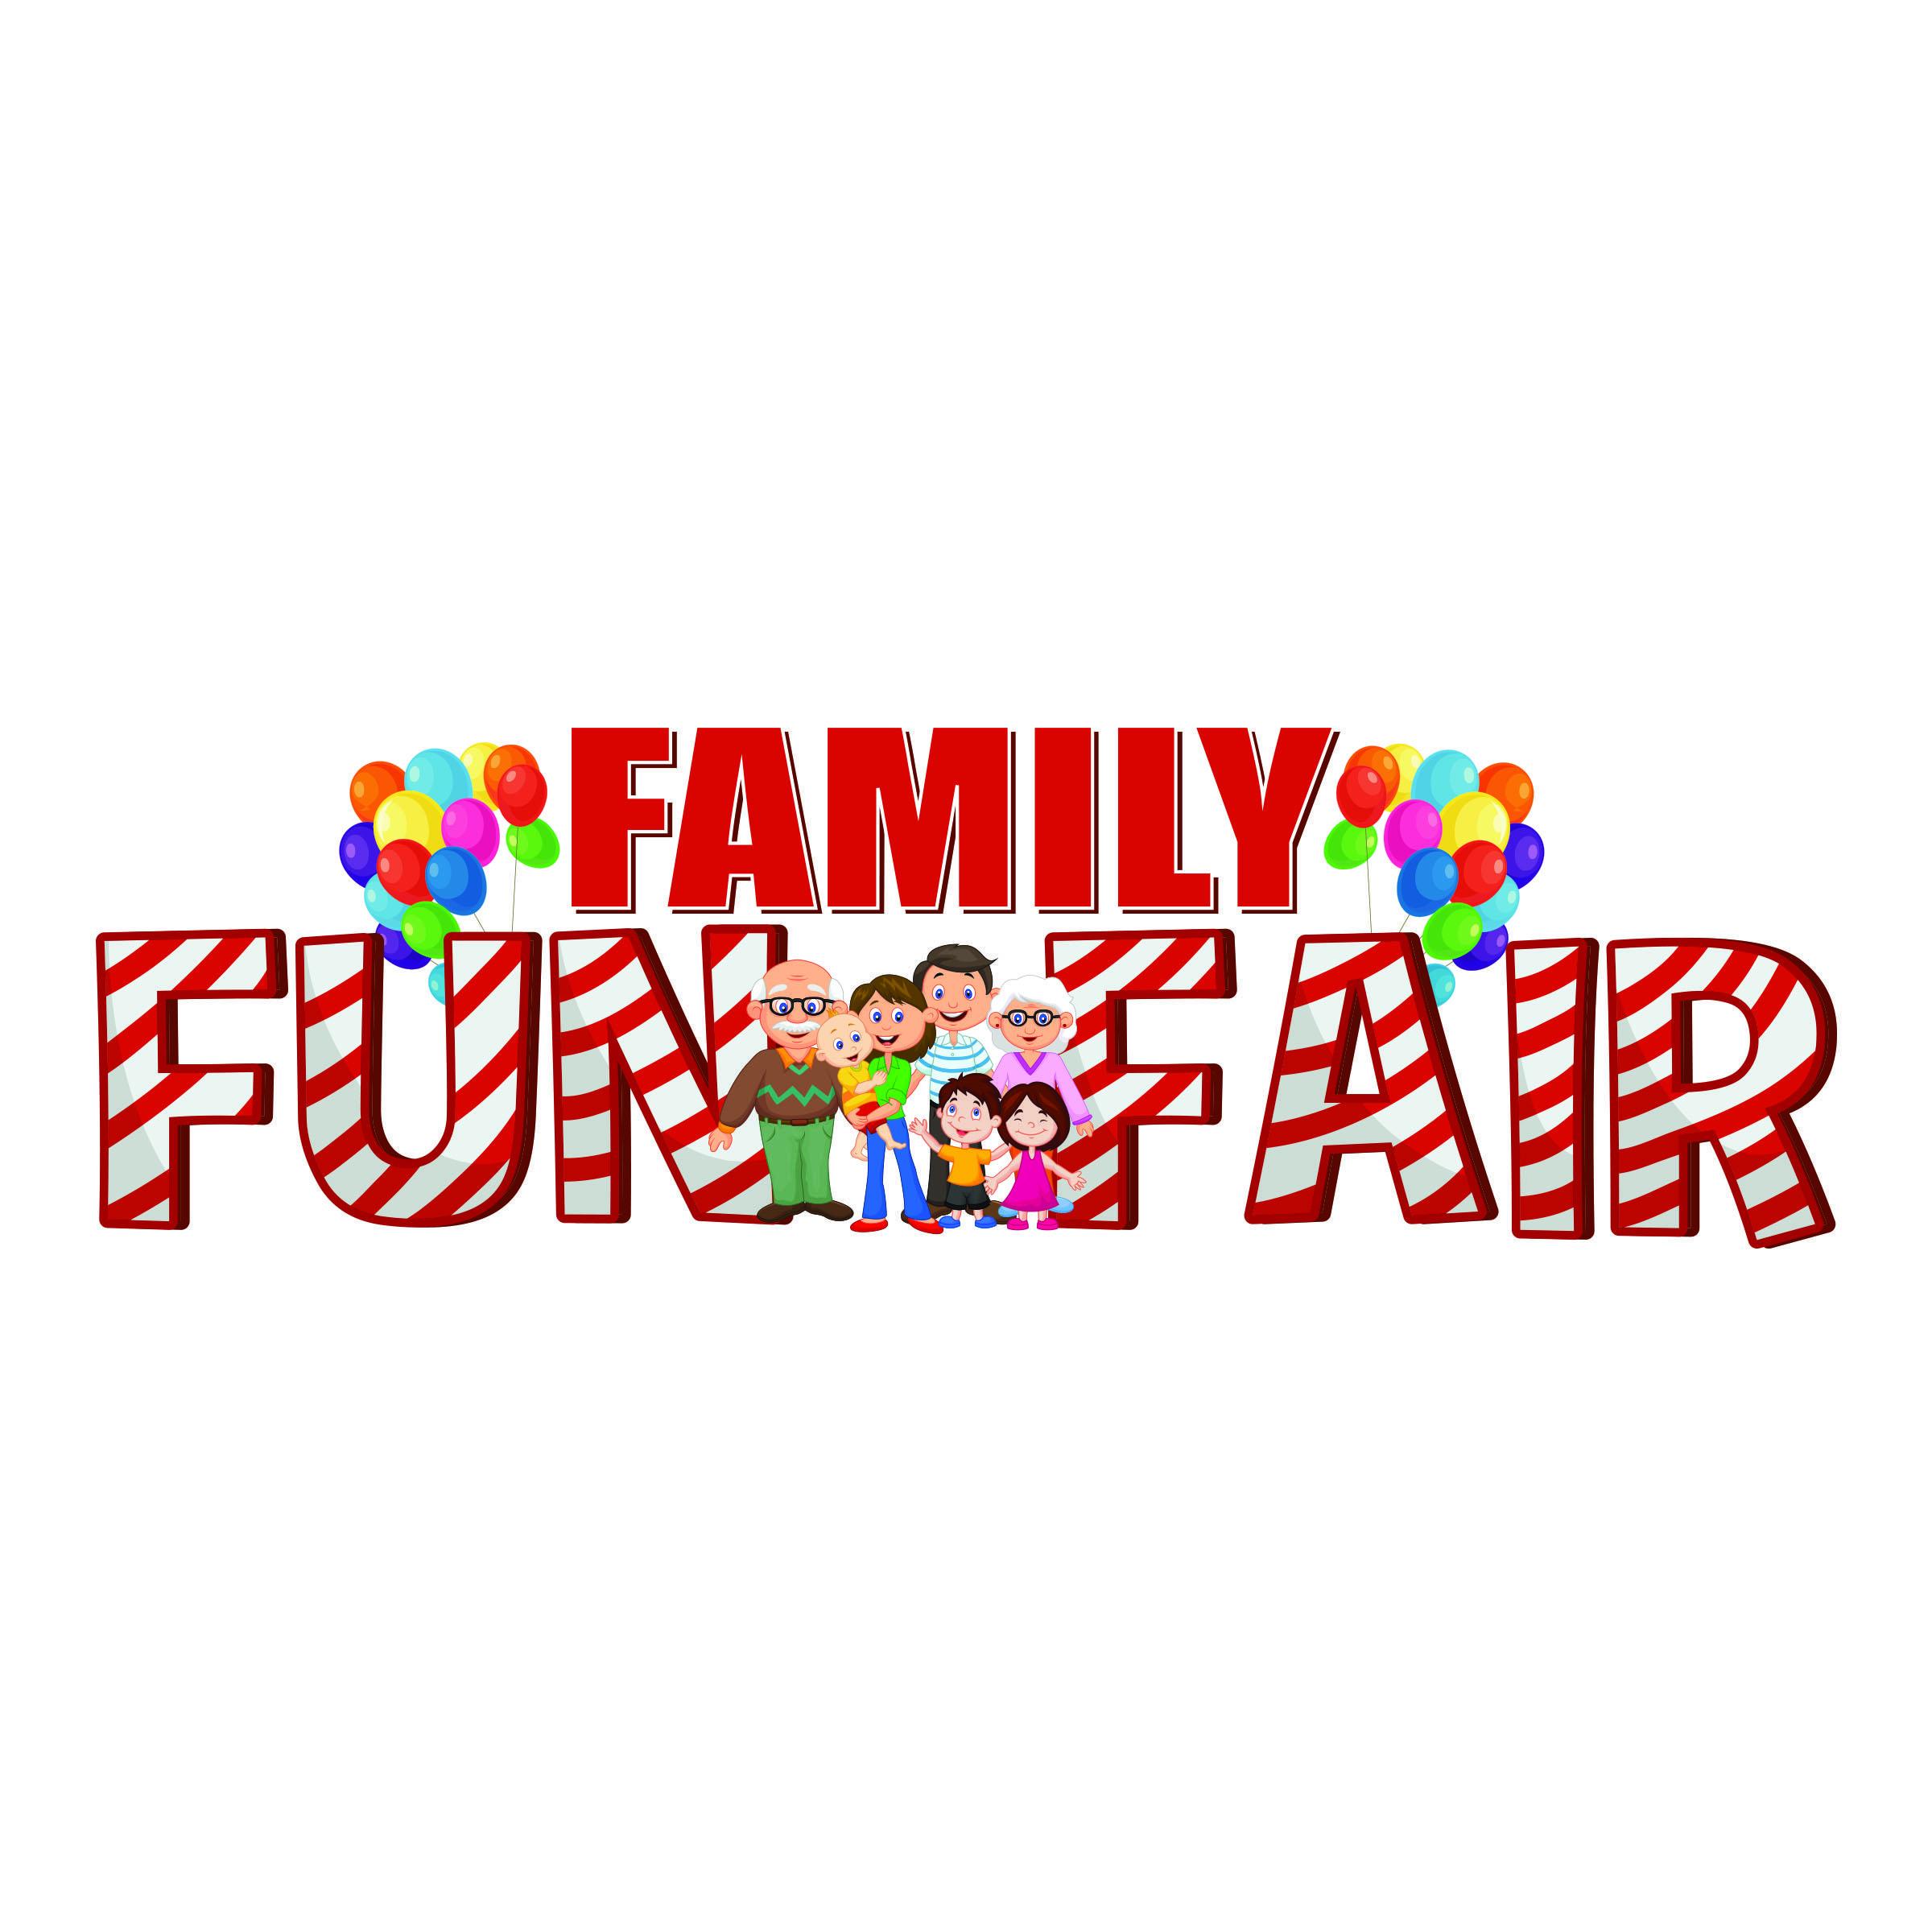 Feb . Fair clipart family fun